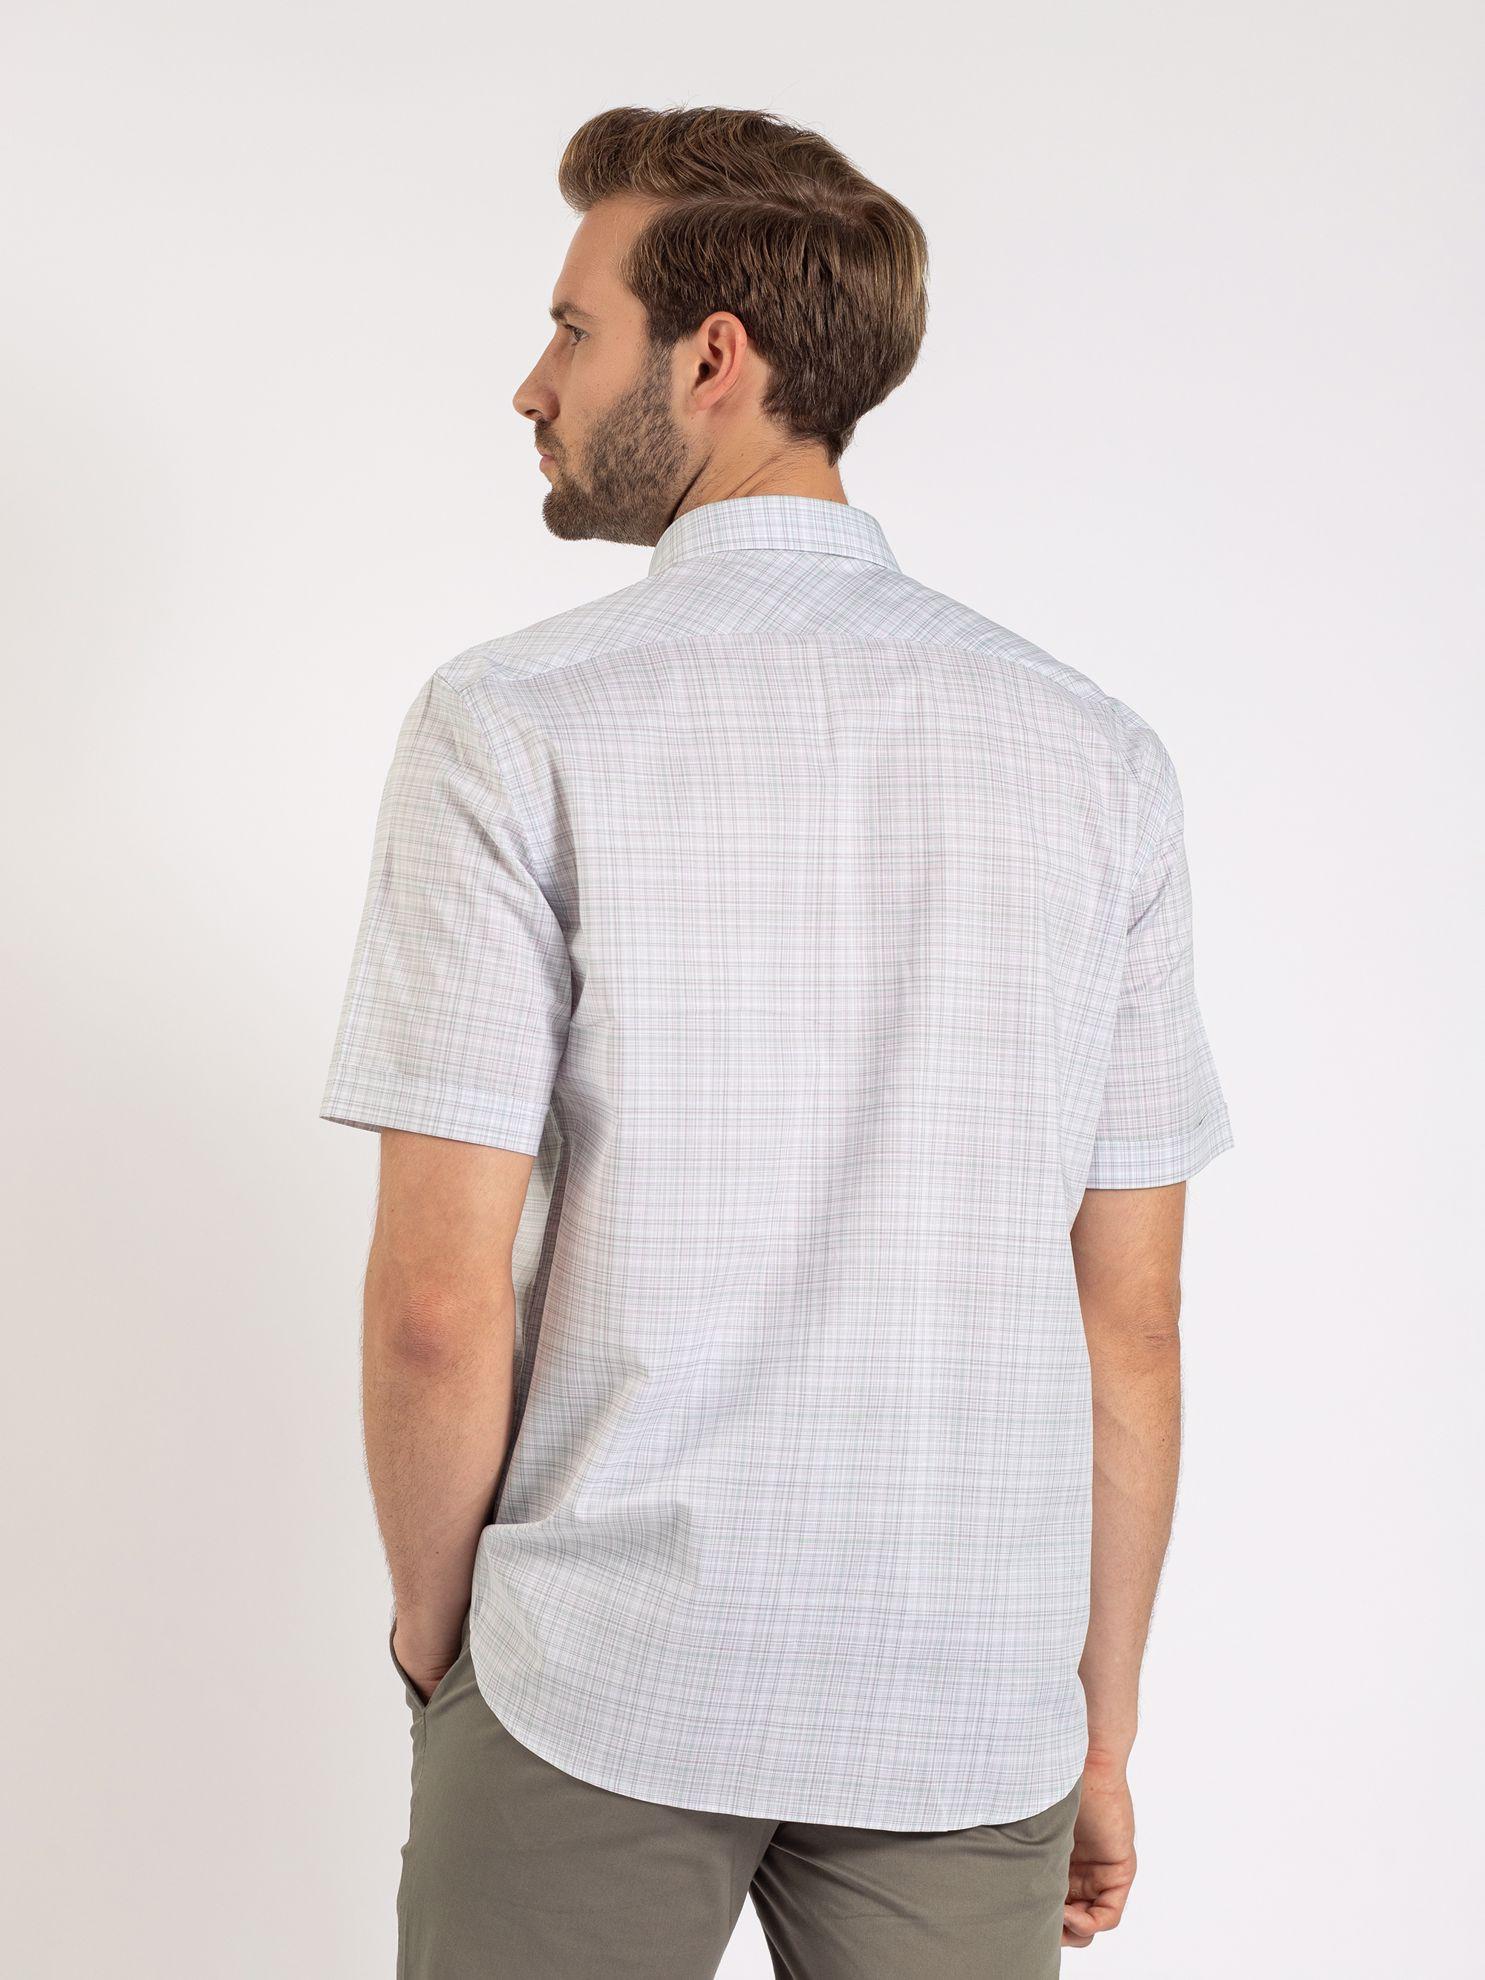 Karaca Erkek Regular Fıt Gömlek-Açık Yeşil. ürün görseli